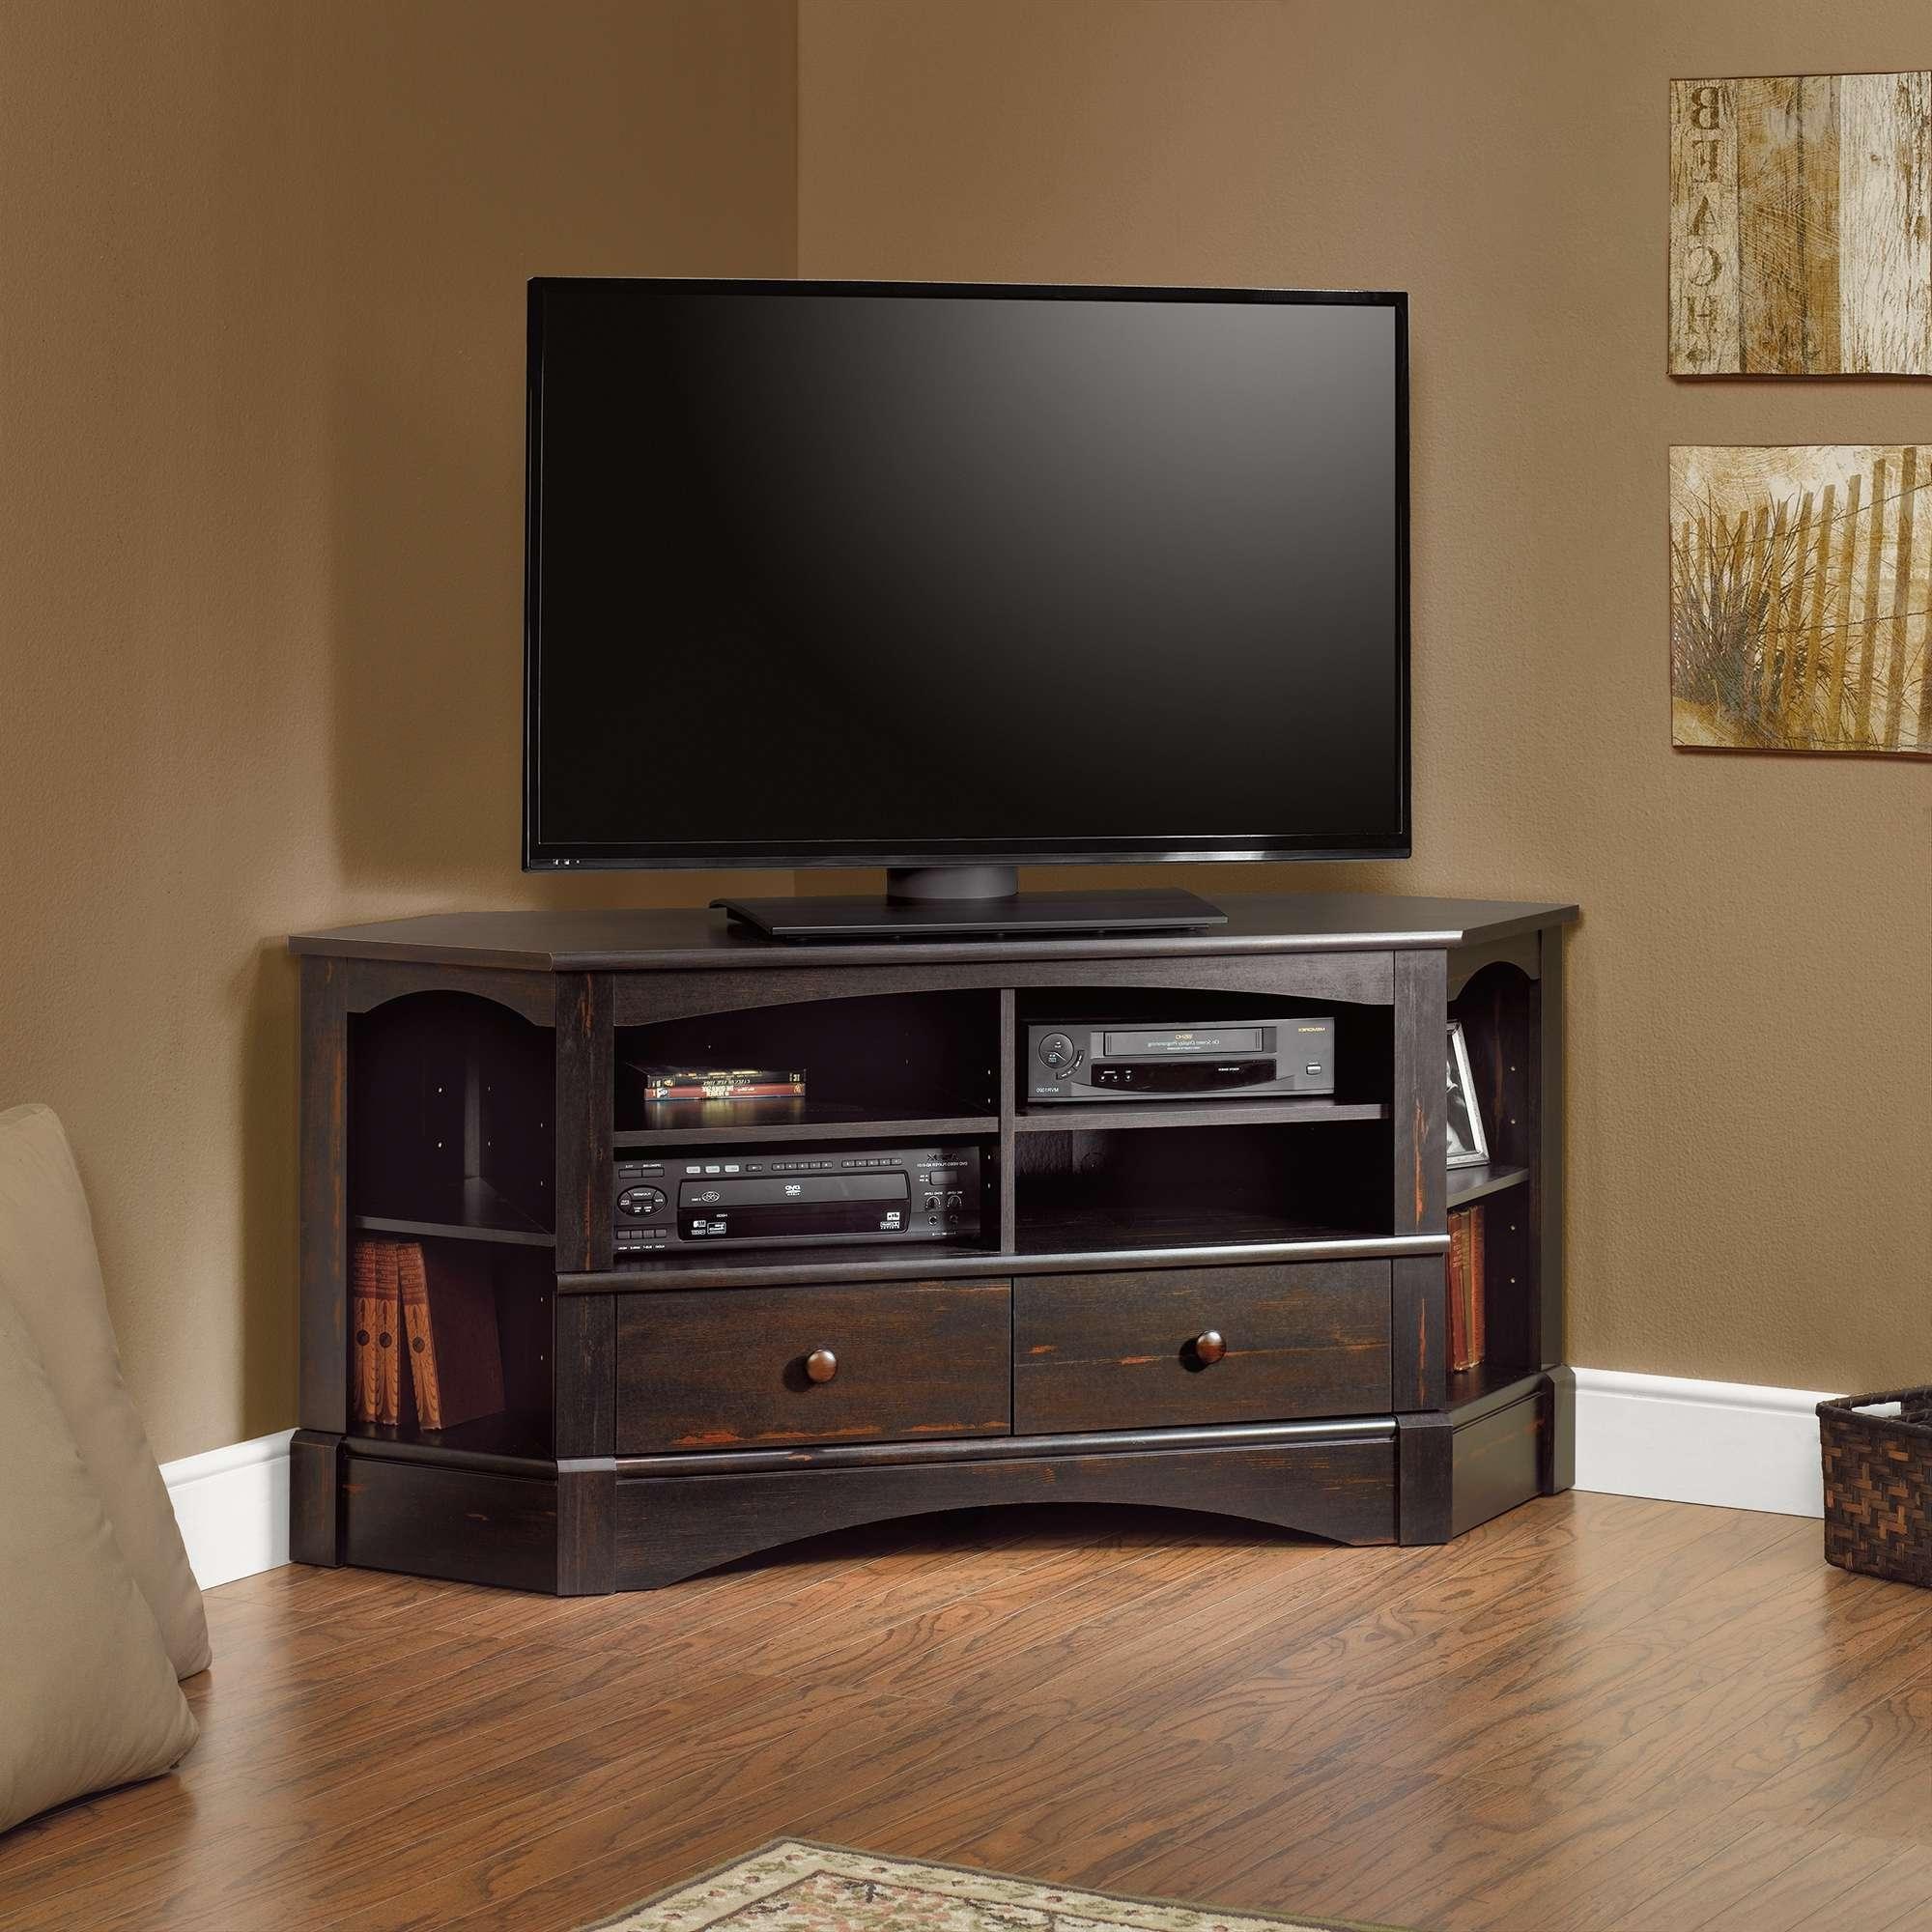 Corner Dark Wood Tv Cabinet • Corner Cabinets With Regard To Dark Wood Tv Cabinets (View 7 of 20)